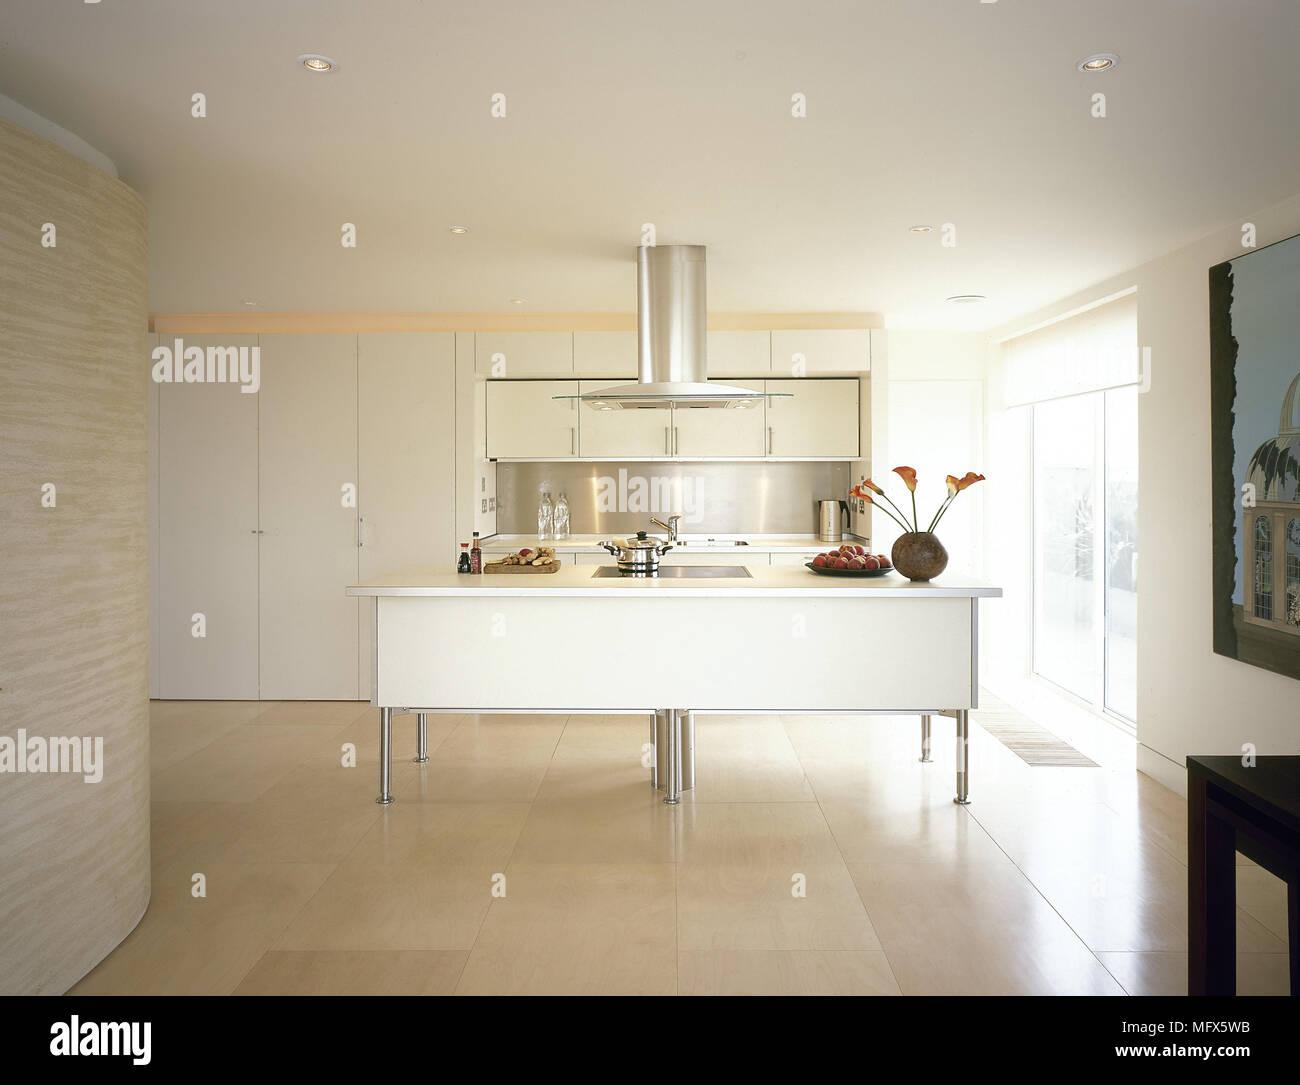 Ausgezeichnet Ansicht Küchen Mit Weißen Schränken Bilder ...